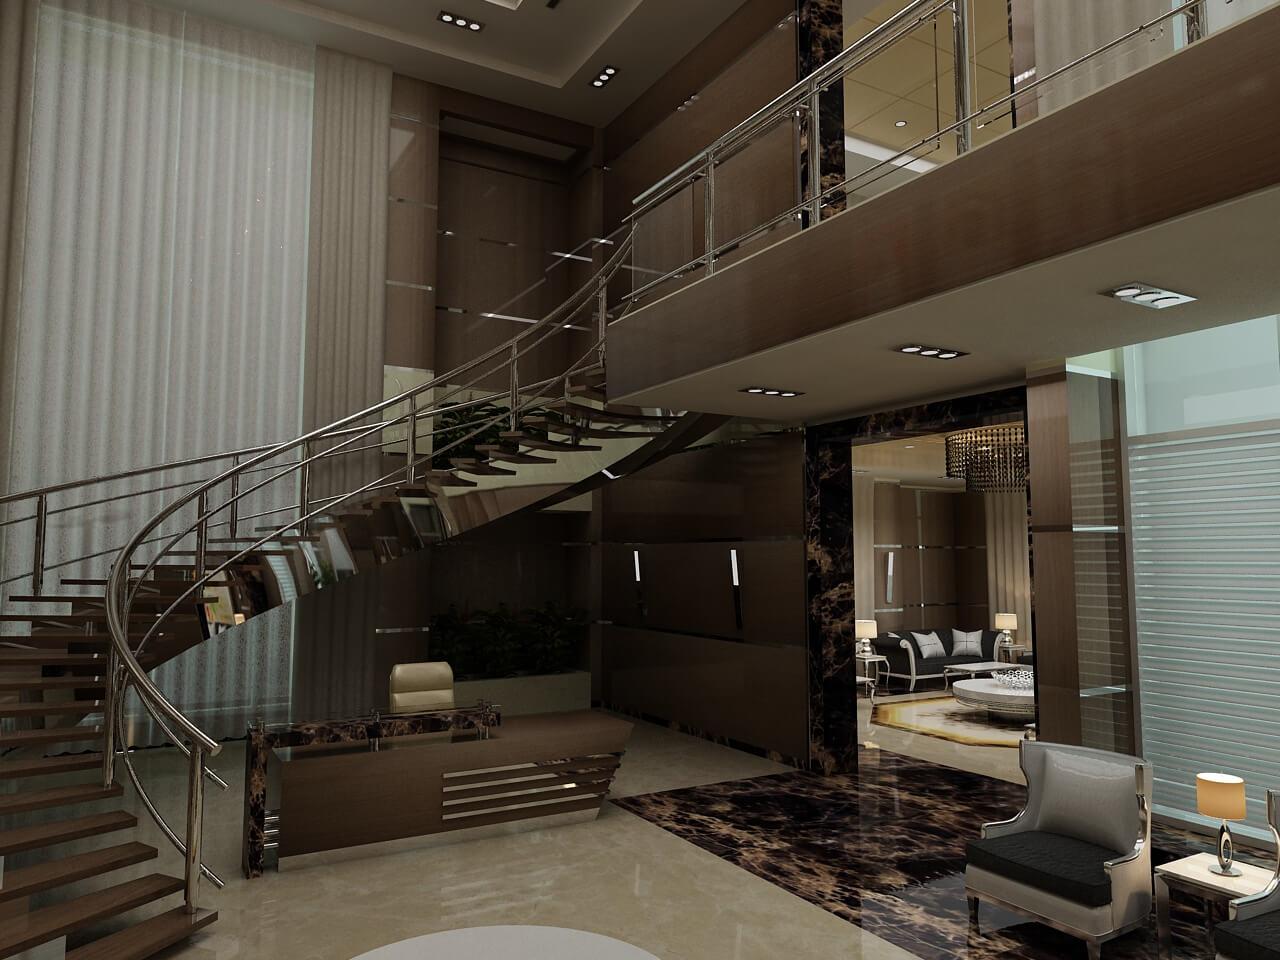 Private Villa - Khawanji, Dubai - 5